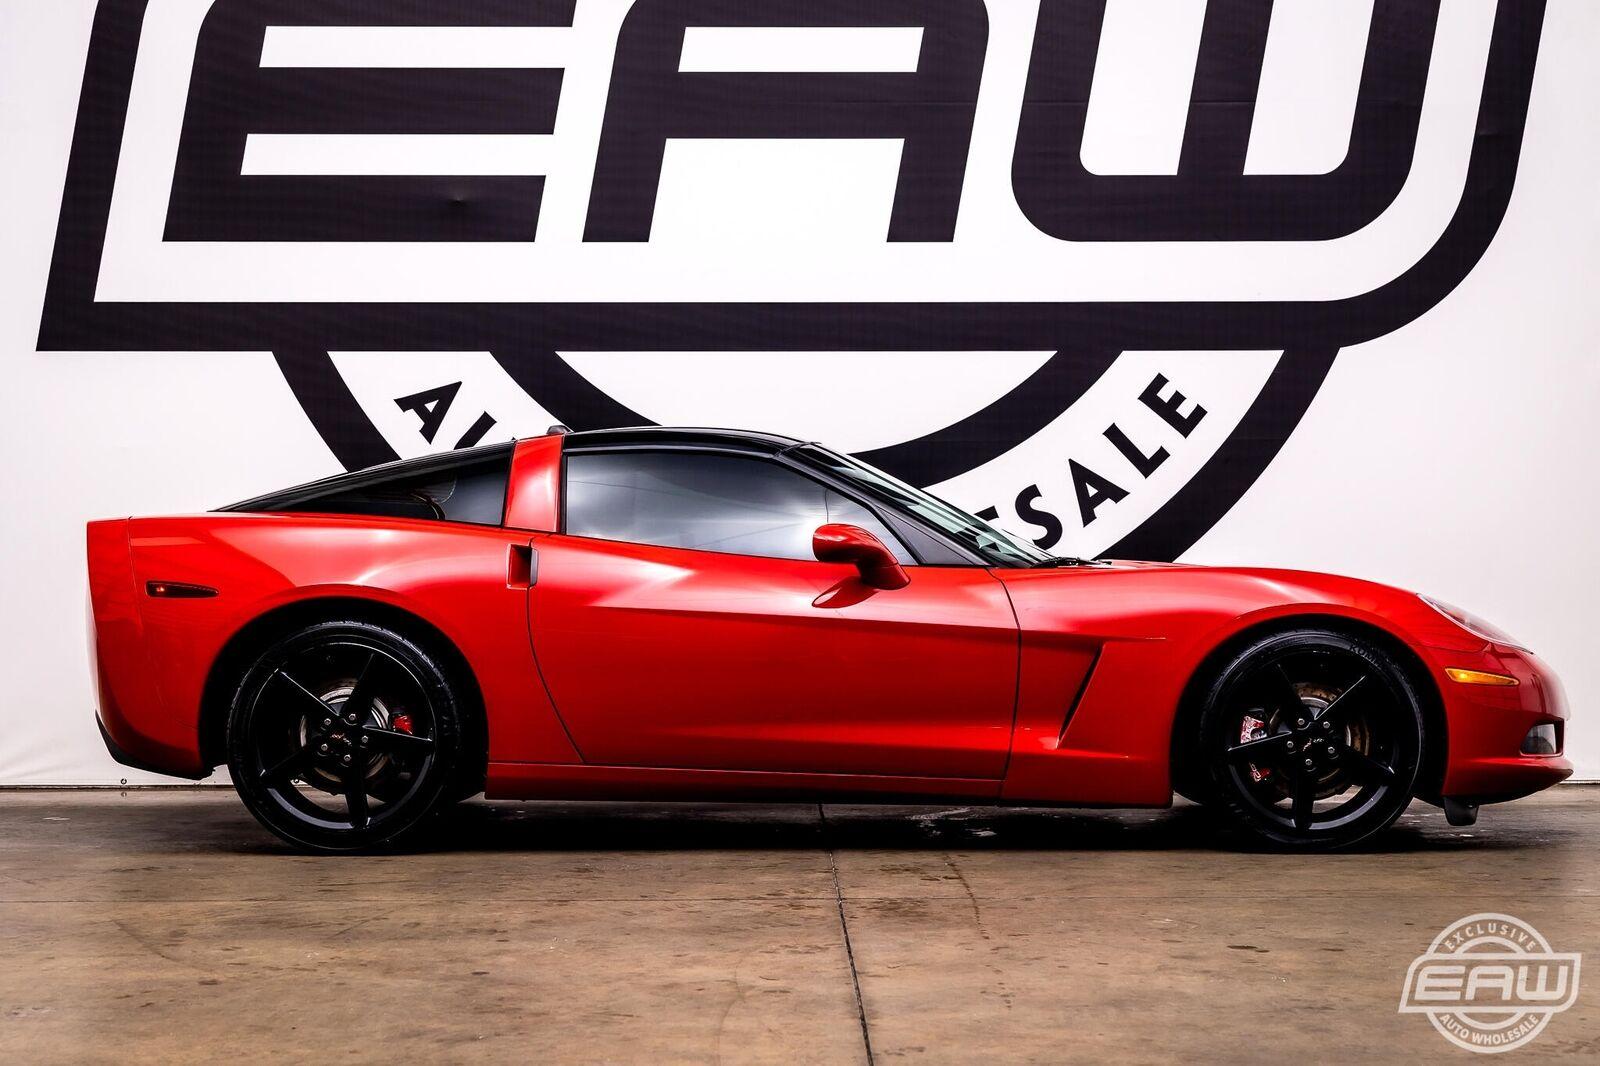 2005 Red Chevrolet Corvette Coupe  | C6 Corvette Photo 9